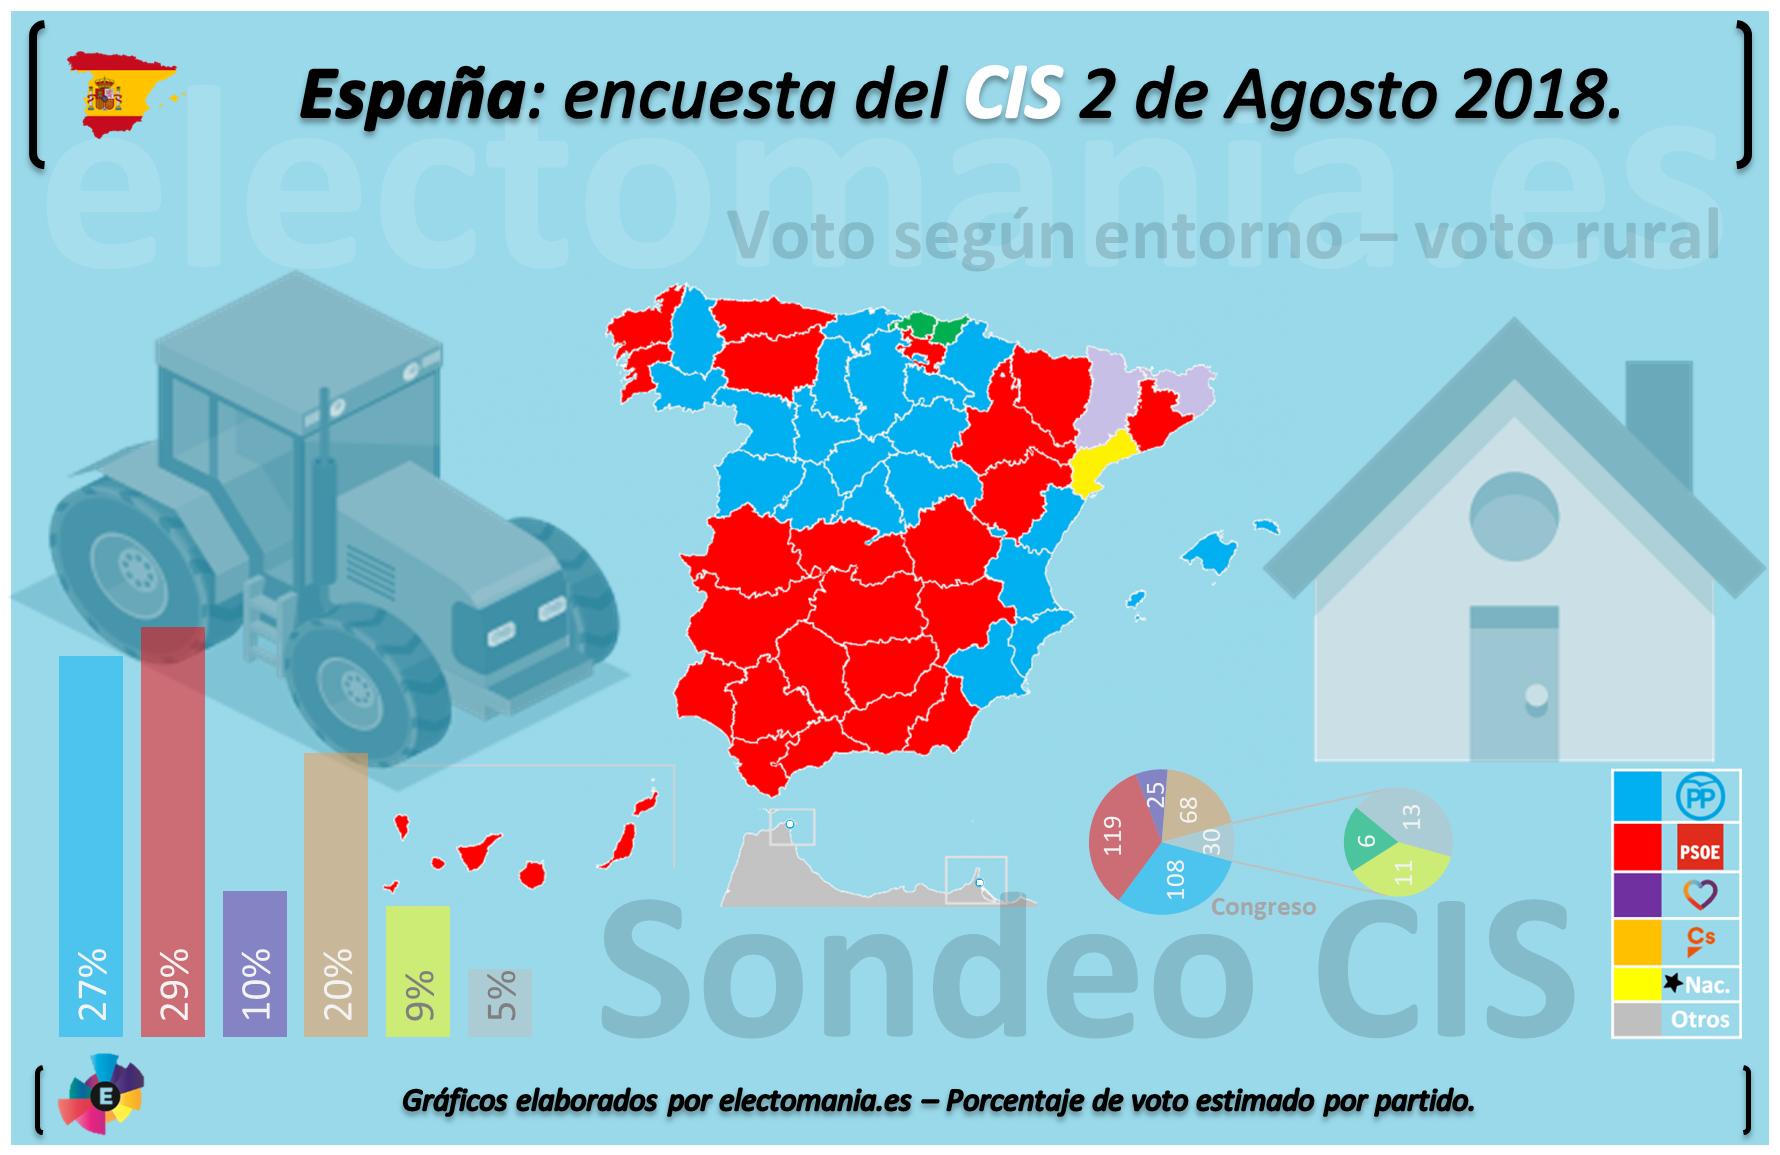 7b740618ced4 En el entorno de las ciudades hay mucha más diversidad de voto. El mapa se  tiñe de rojo porque el PSOE sale beneficiado como primera fuerza ante tanta  ...